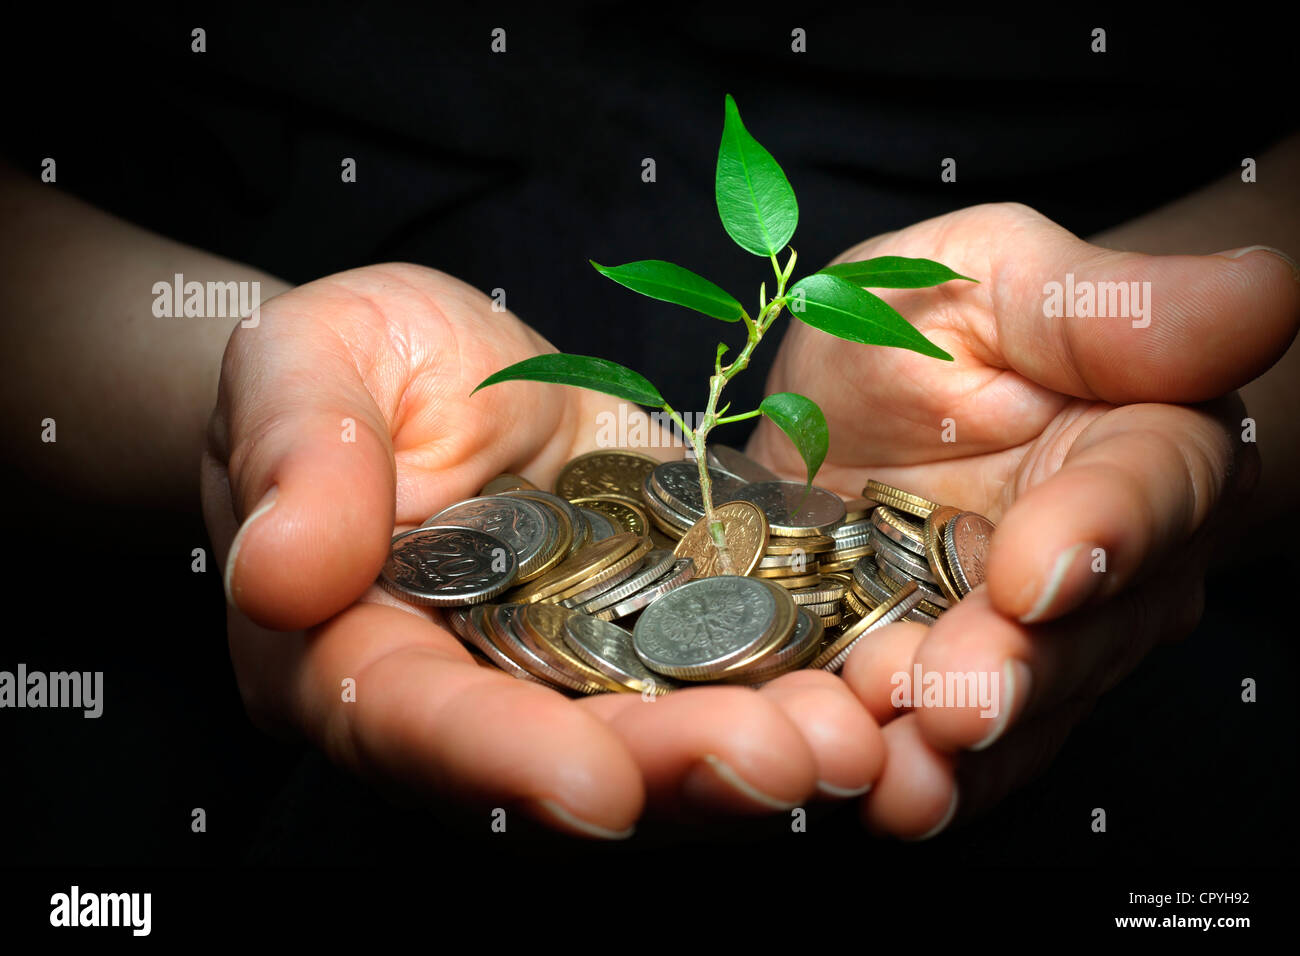 Geschäftsmann hält Pflanzen sprießen aus einer Handvoll Münzen - gute Investition und Geld-Konzept Stockbild